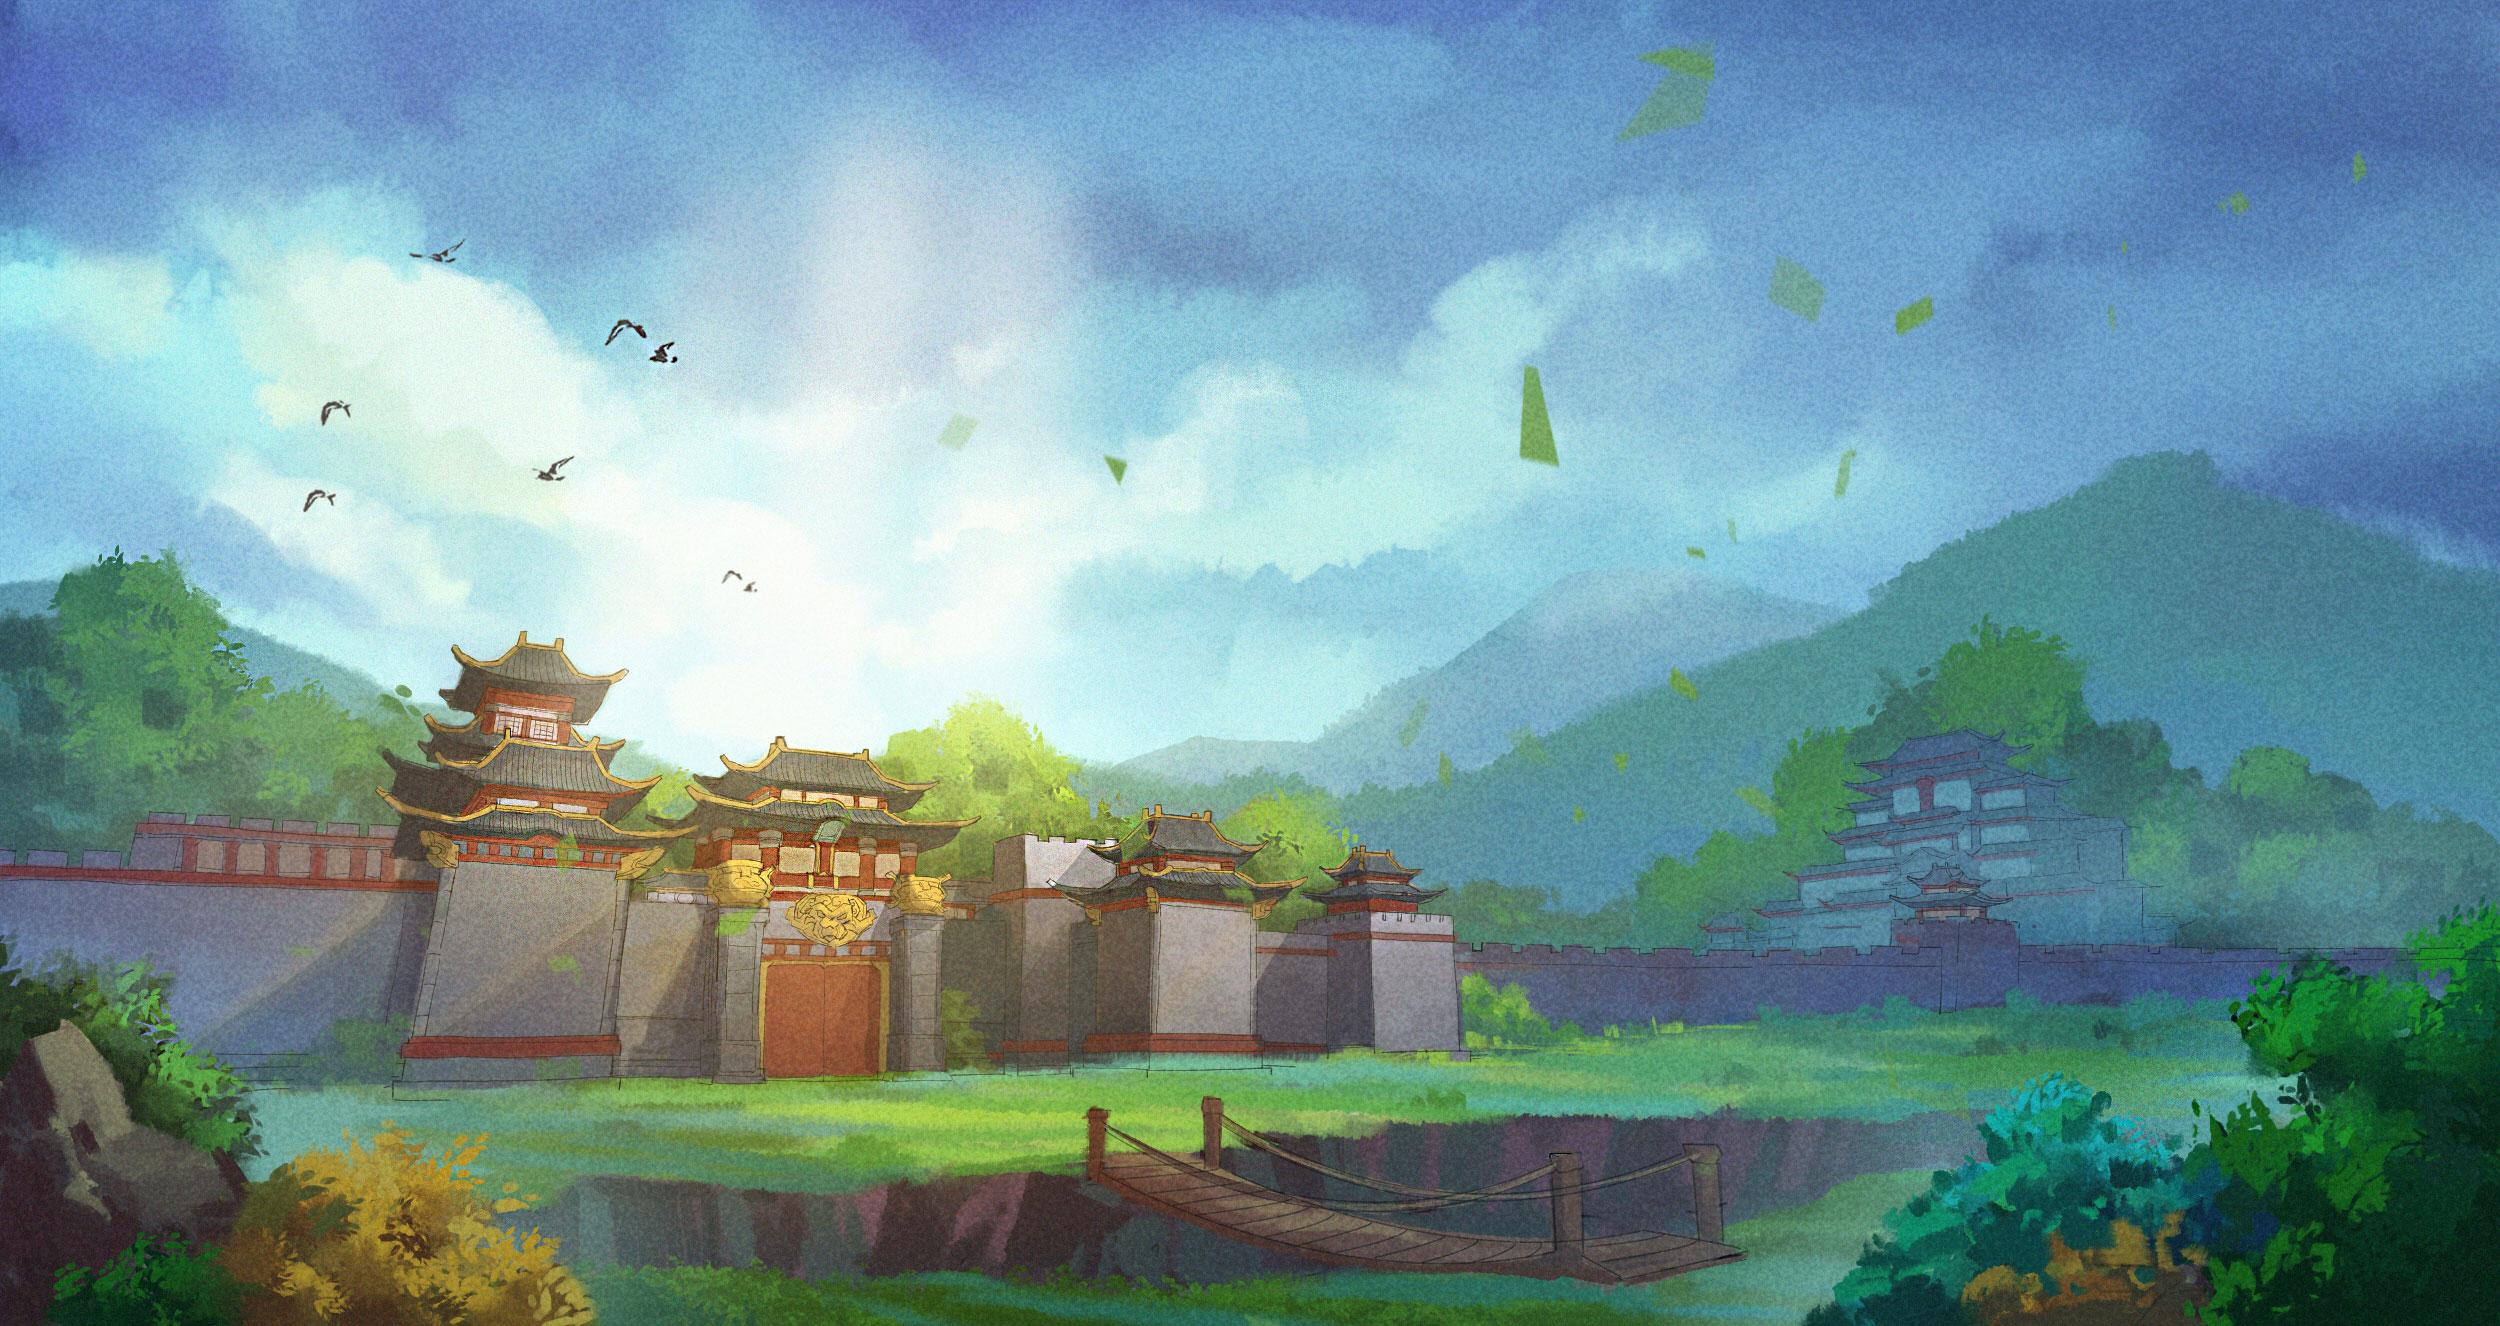 《笑傲江湖OL》游戏截图